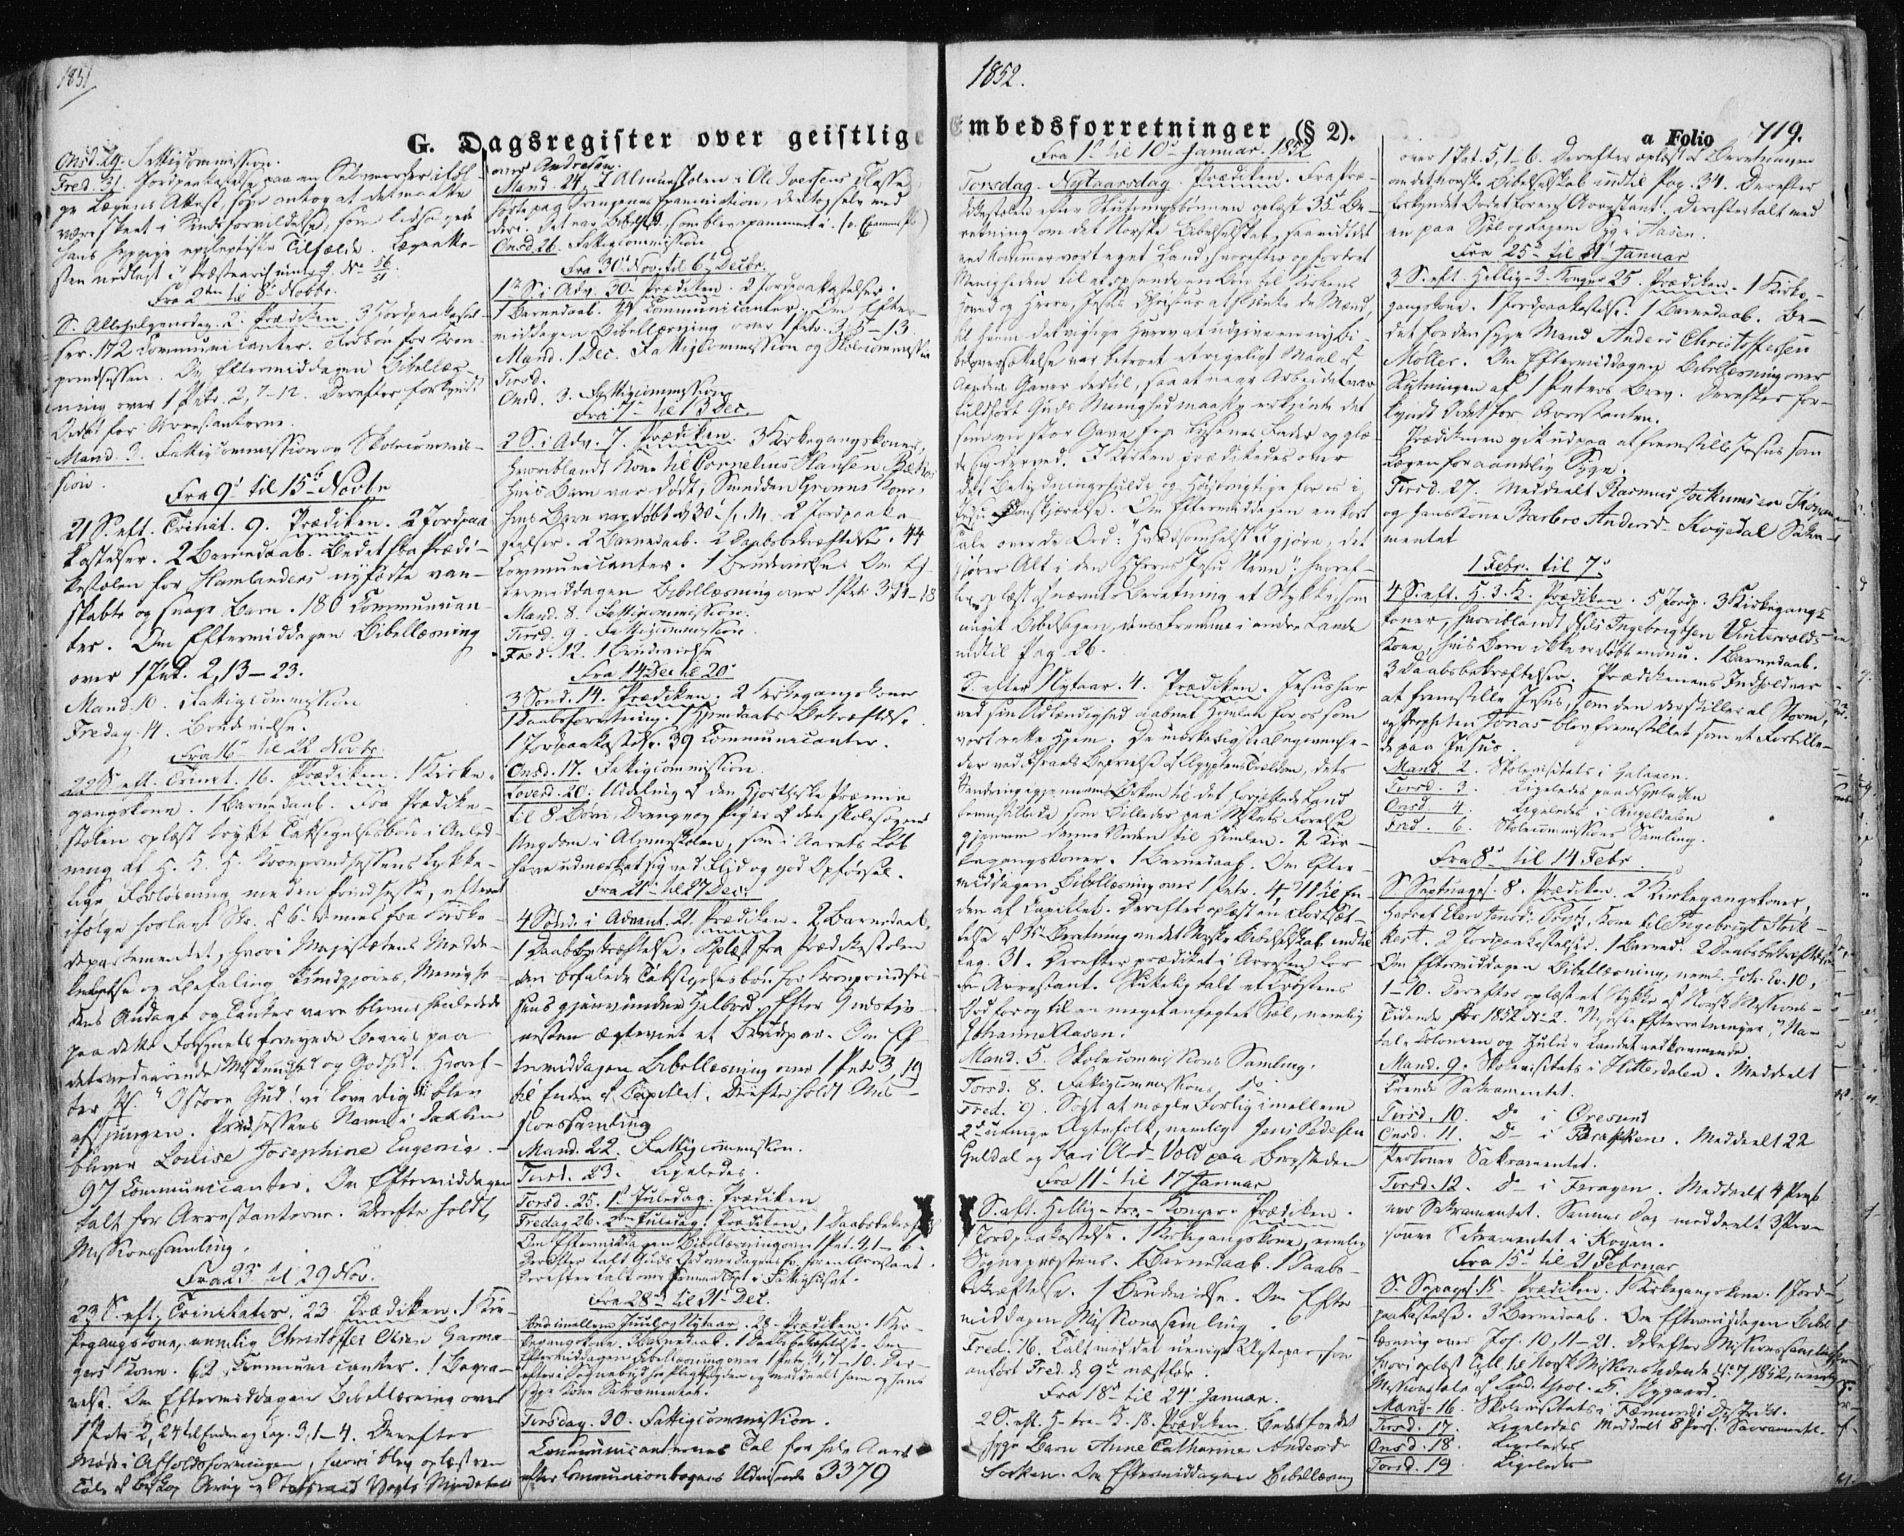 SAT, Ministerialprotokoller, klokkerbøker og fødselsregistre - Sør-Trøndelag, 681/L0931: Ministerialbok nr. 681A09, 1845-1859, s. 719